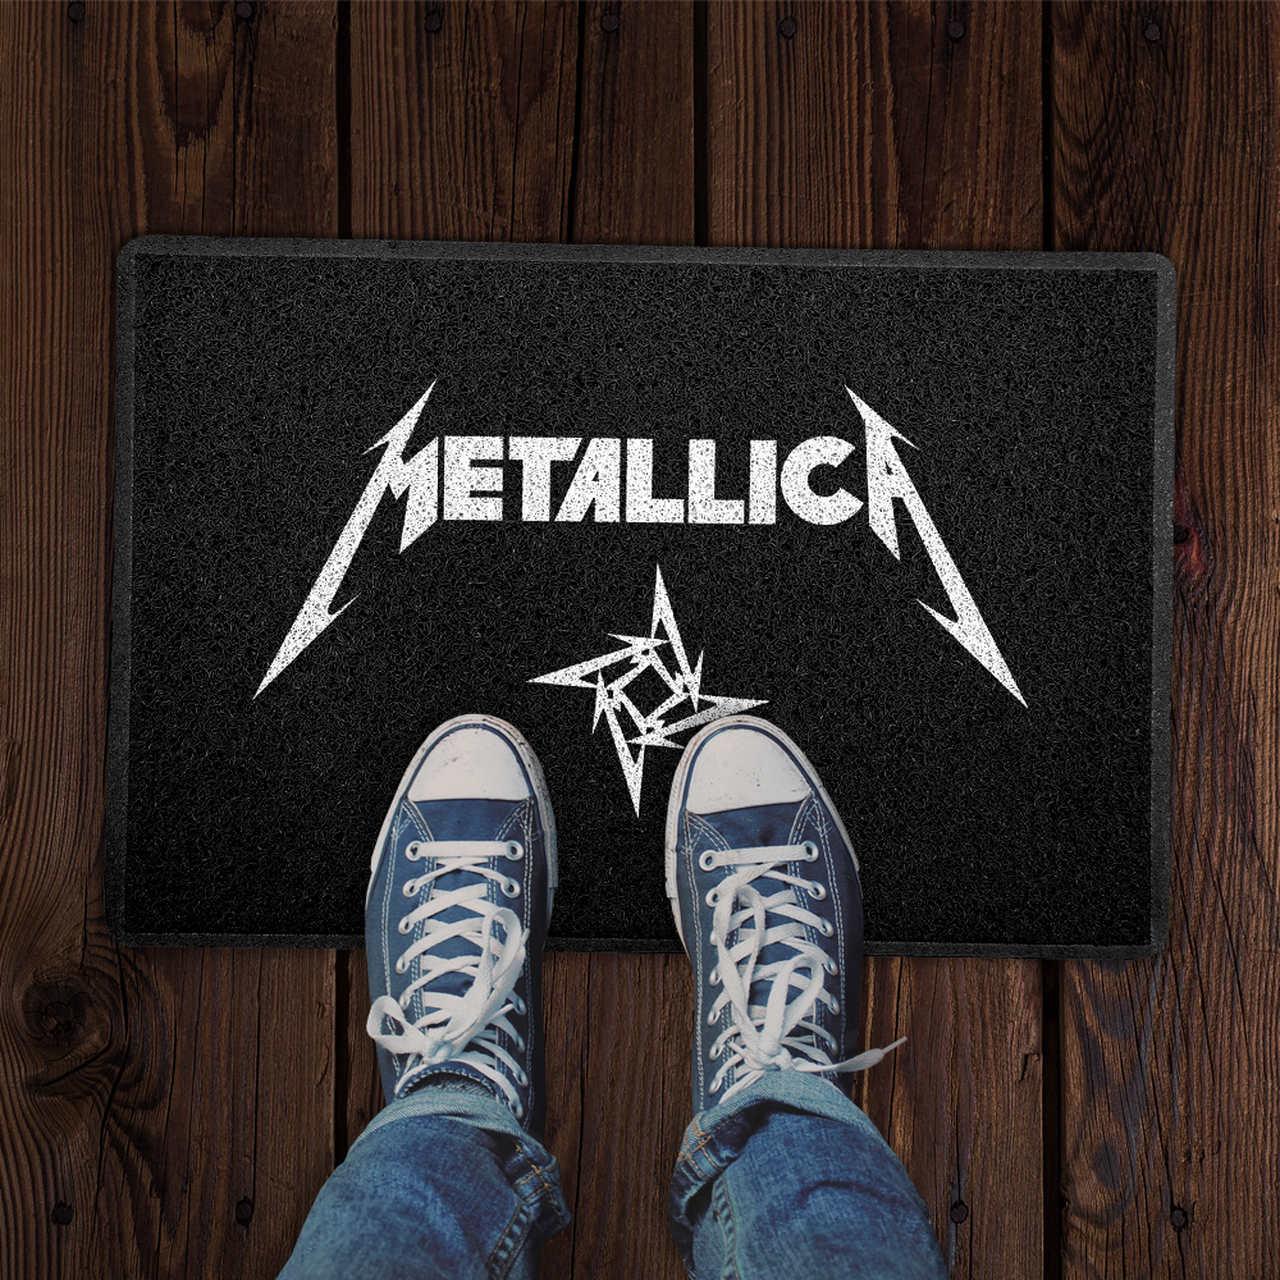 Capacho Metallica PRESENTE E DECORAÇÃO GEEK